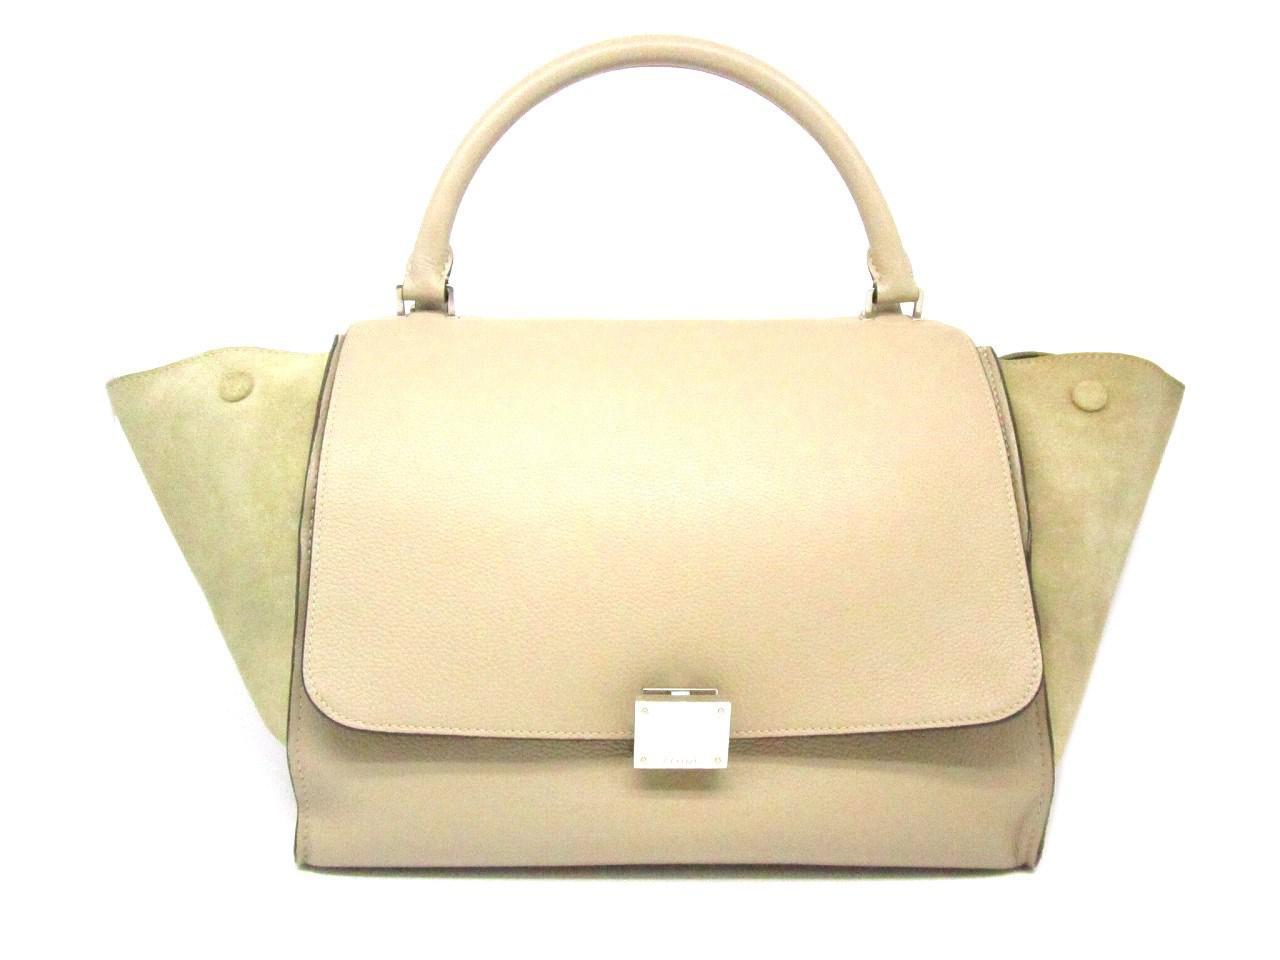 c4a920d389 Lyst - Céline Auth Calfskin  suede Leather Trapeze Shoulder Tote Bag ...